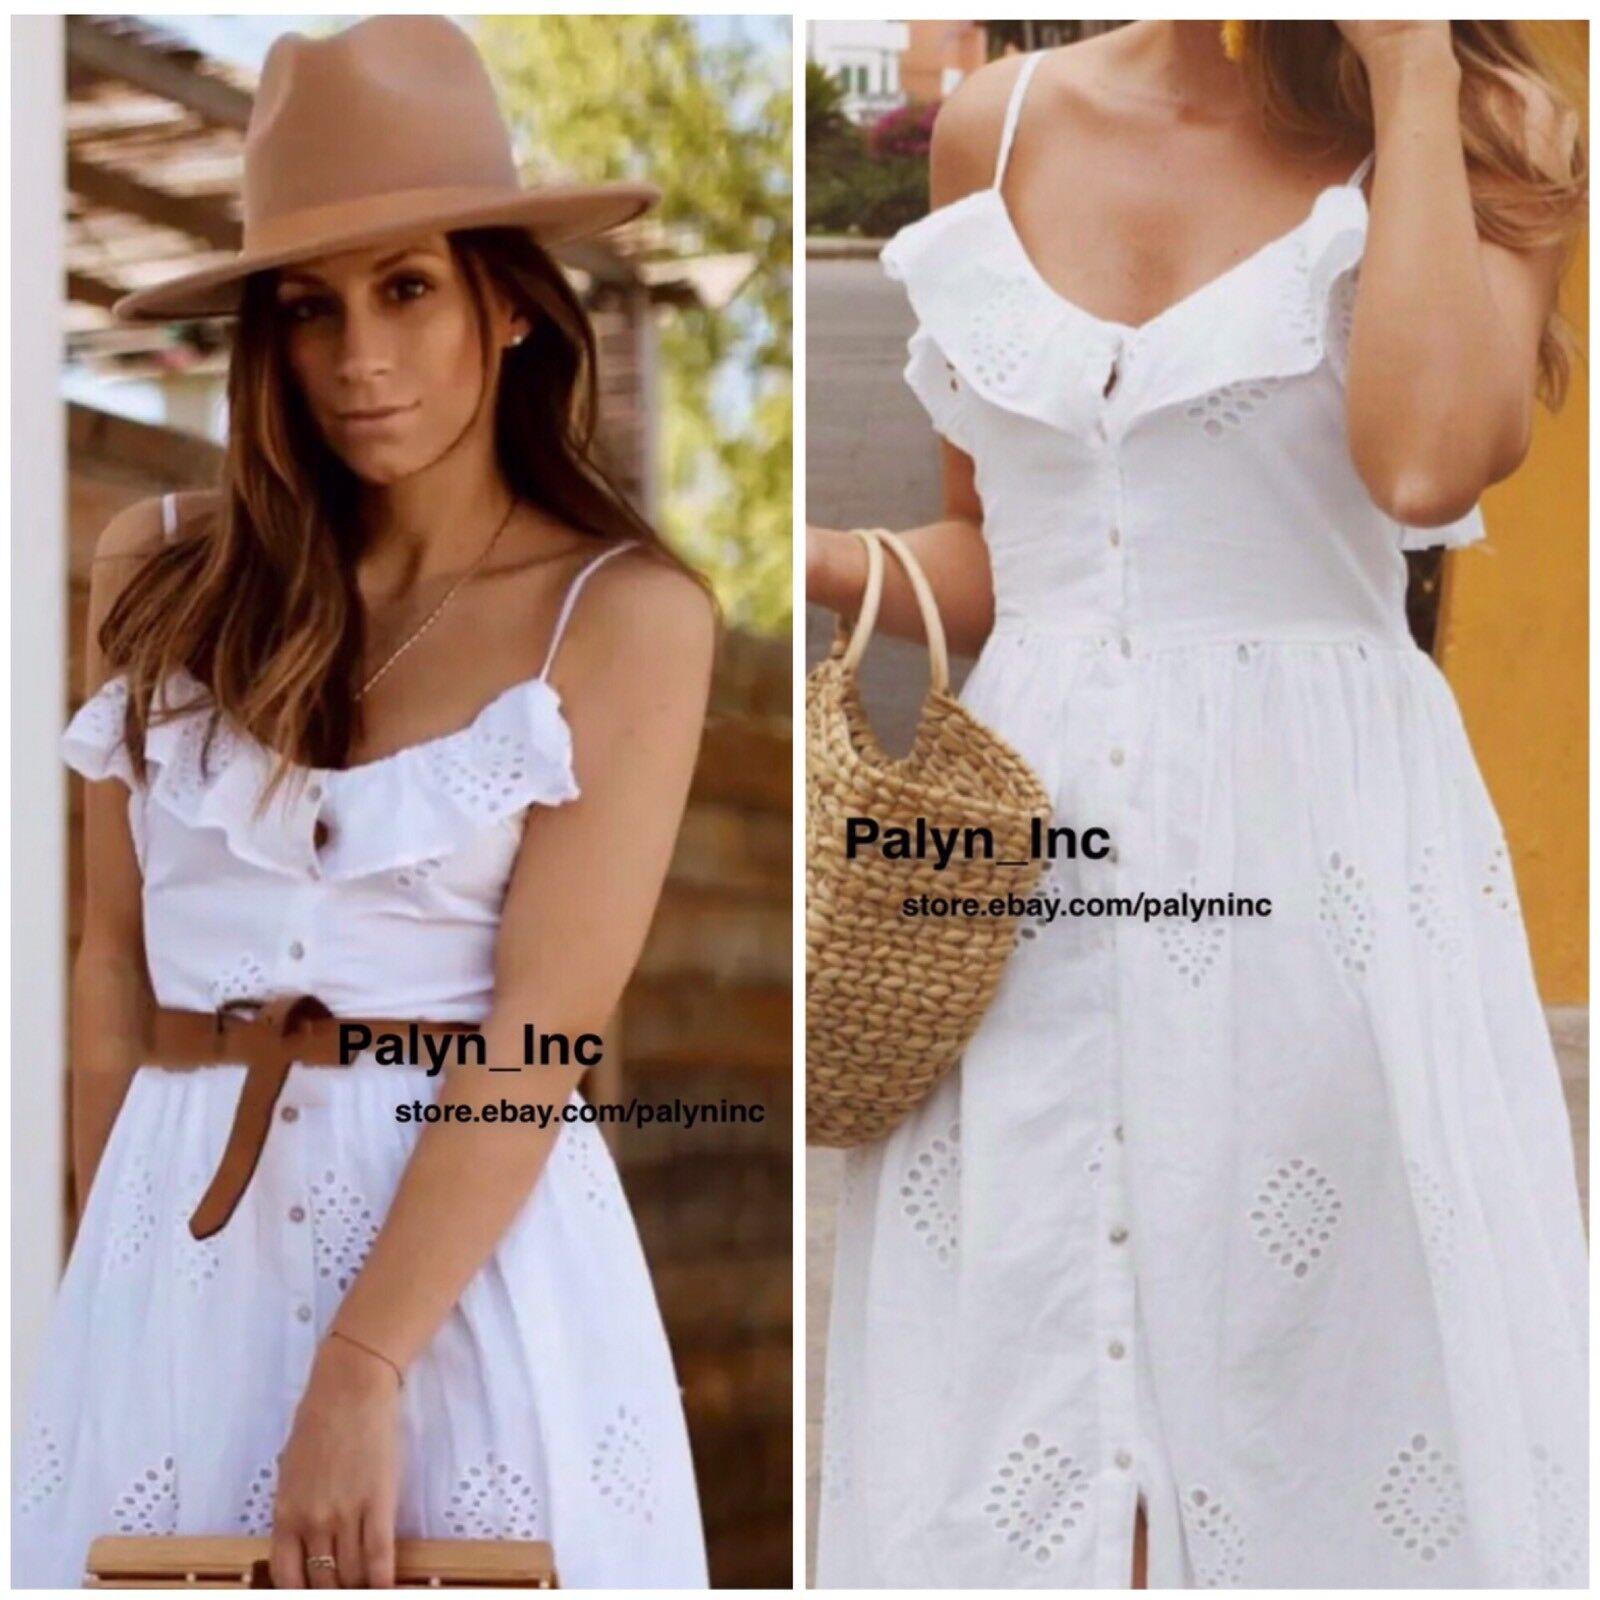 Raro _ Nwt Zara Zara Zara Ss18 Bianco con Foro Abito con Ricamo 3136 125 _ Xs S M L a47763